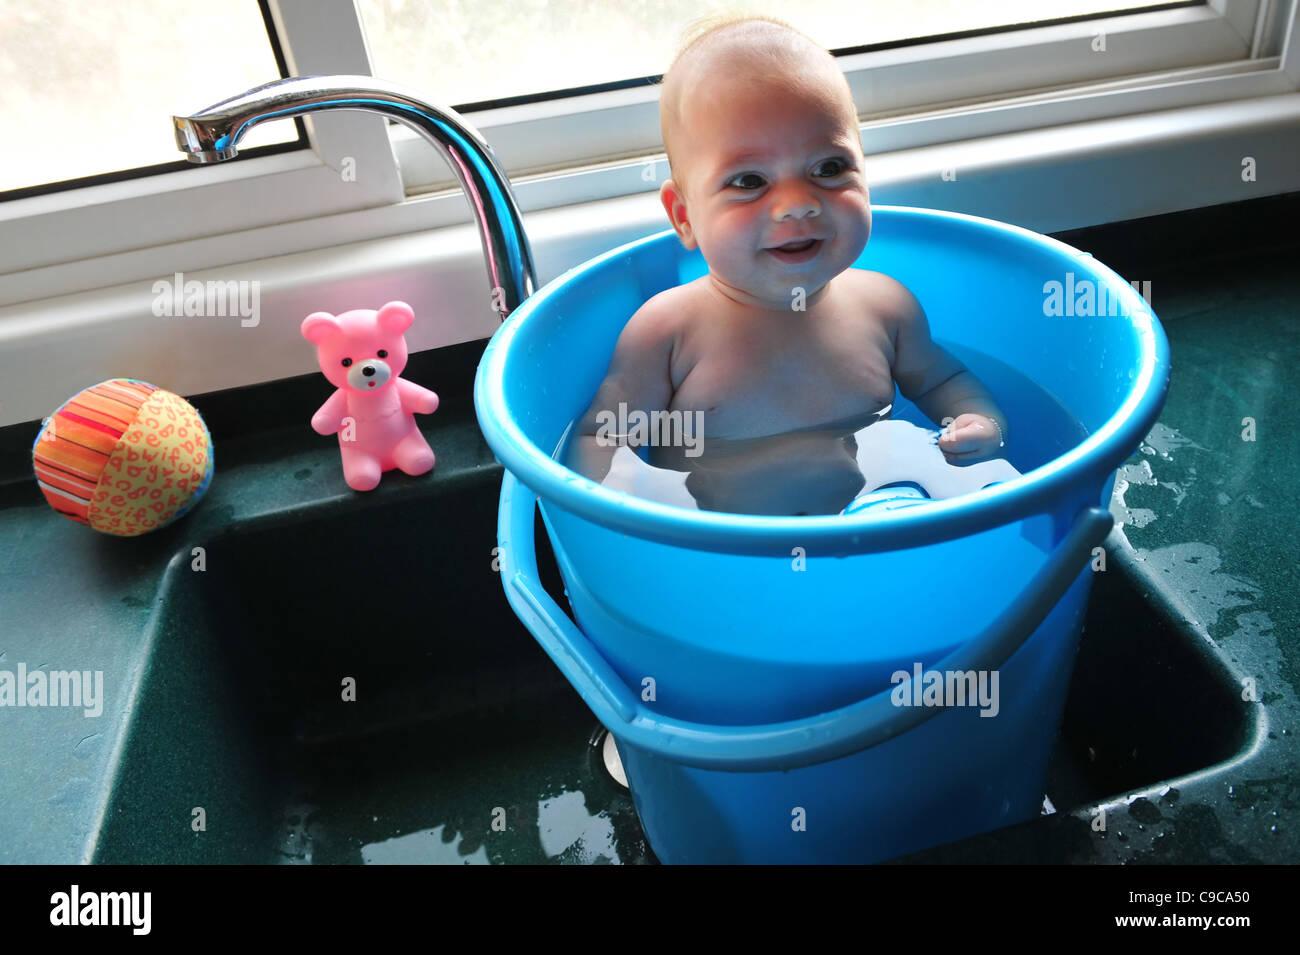 Un bébé dans un seau bleu refroidit dans la chaleur de l'été Photo Stock